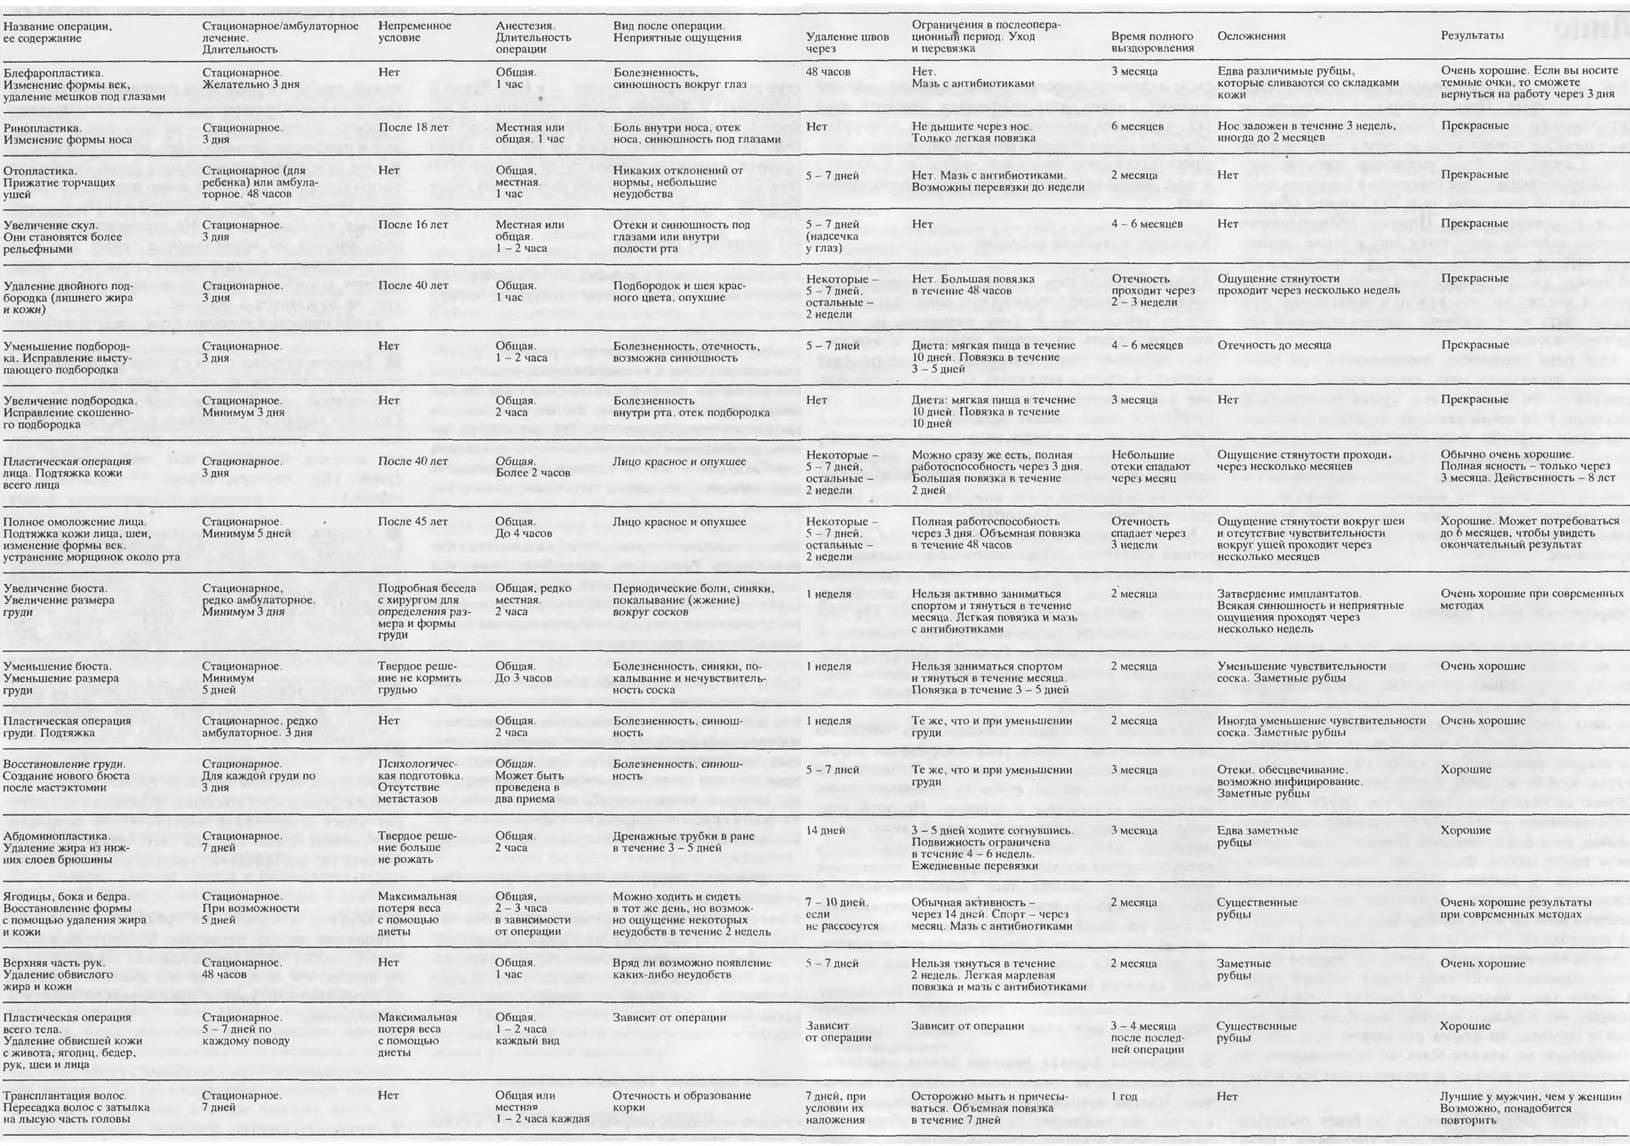 Таблица косметических операций